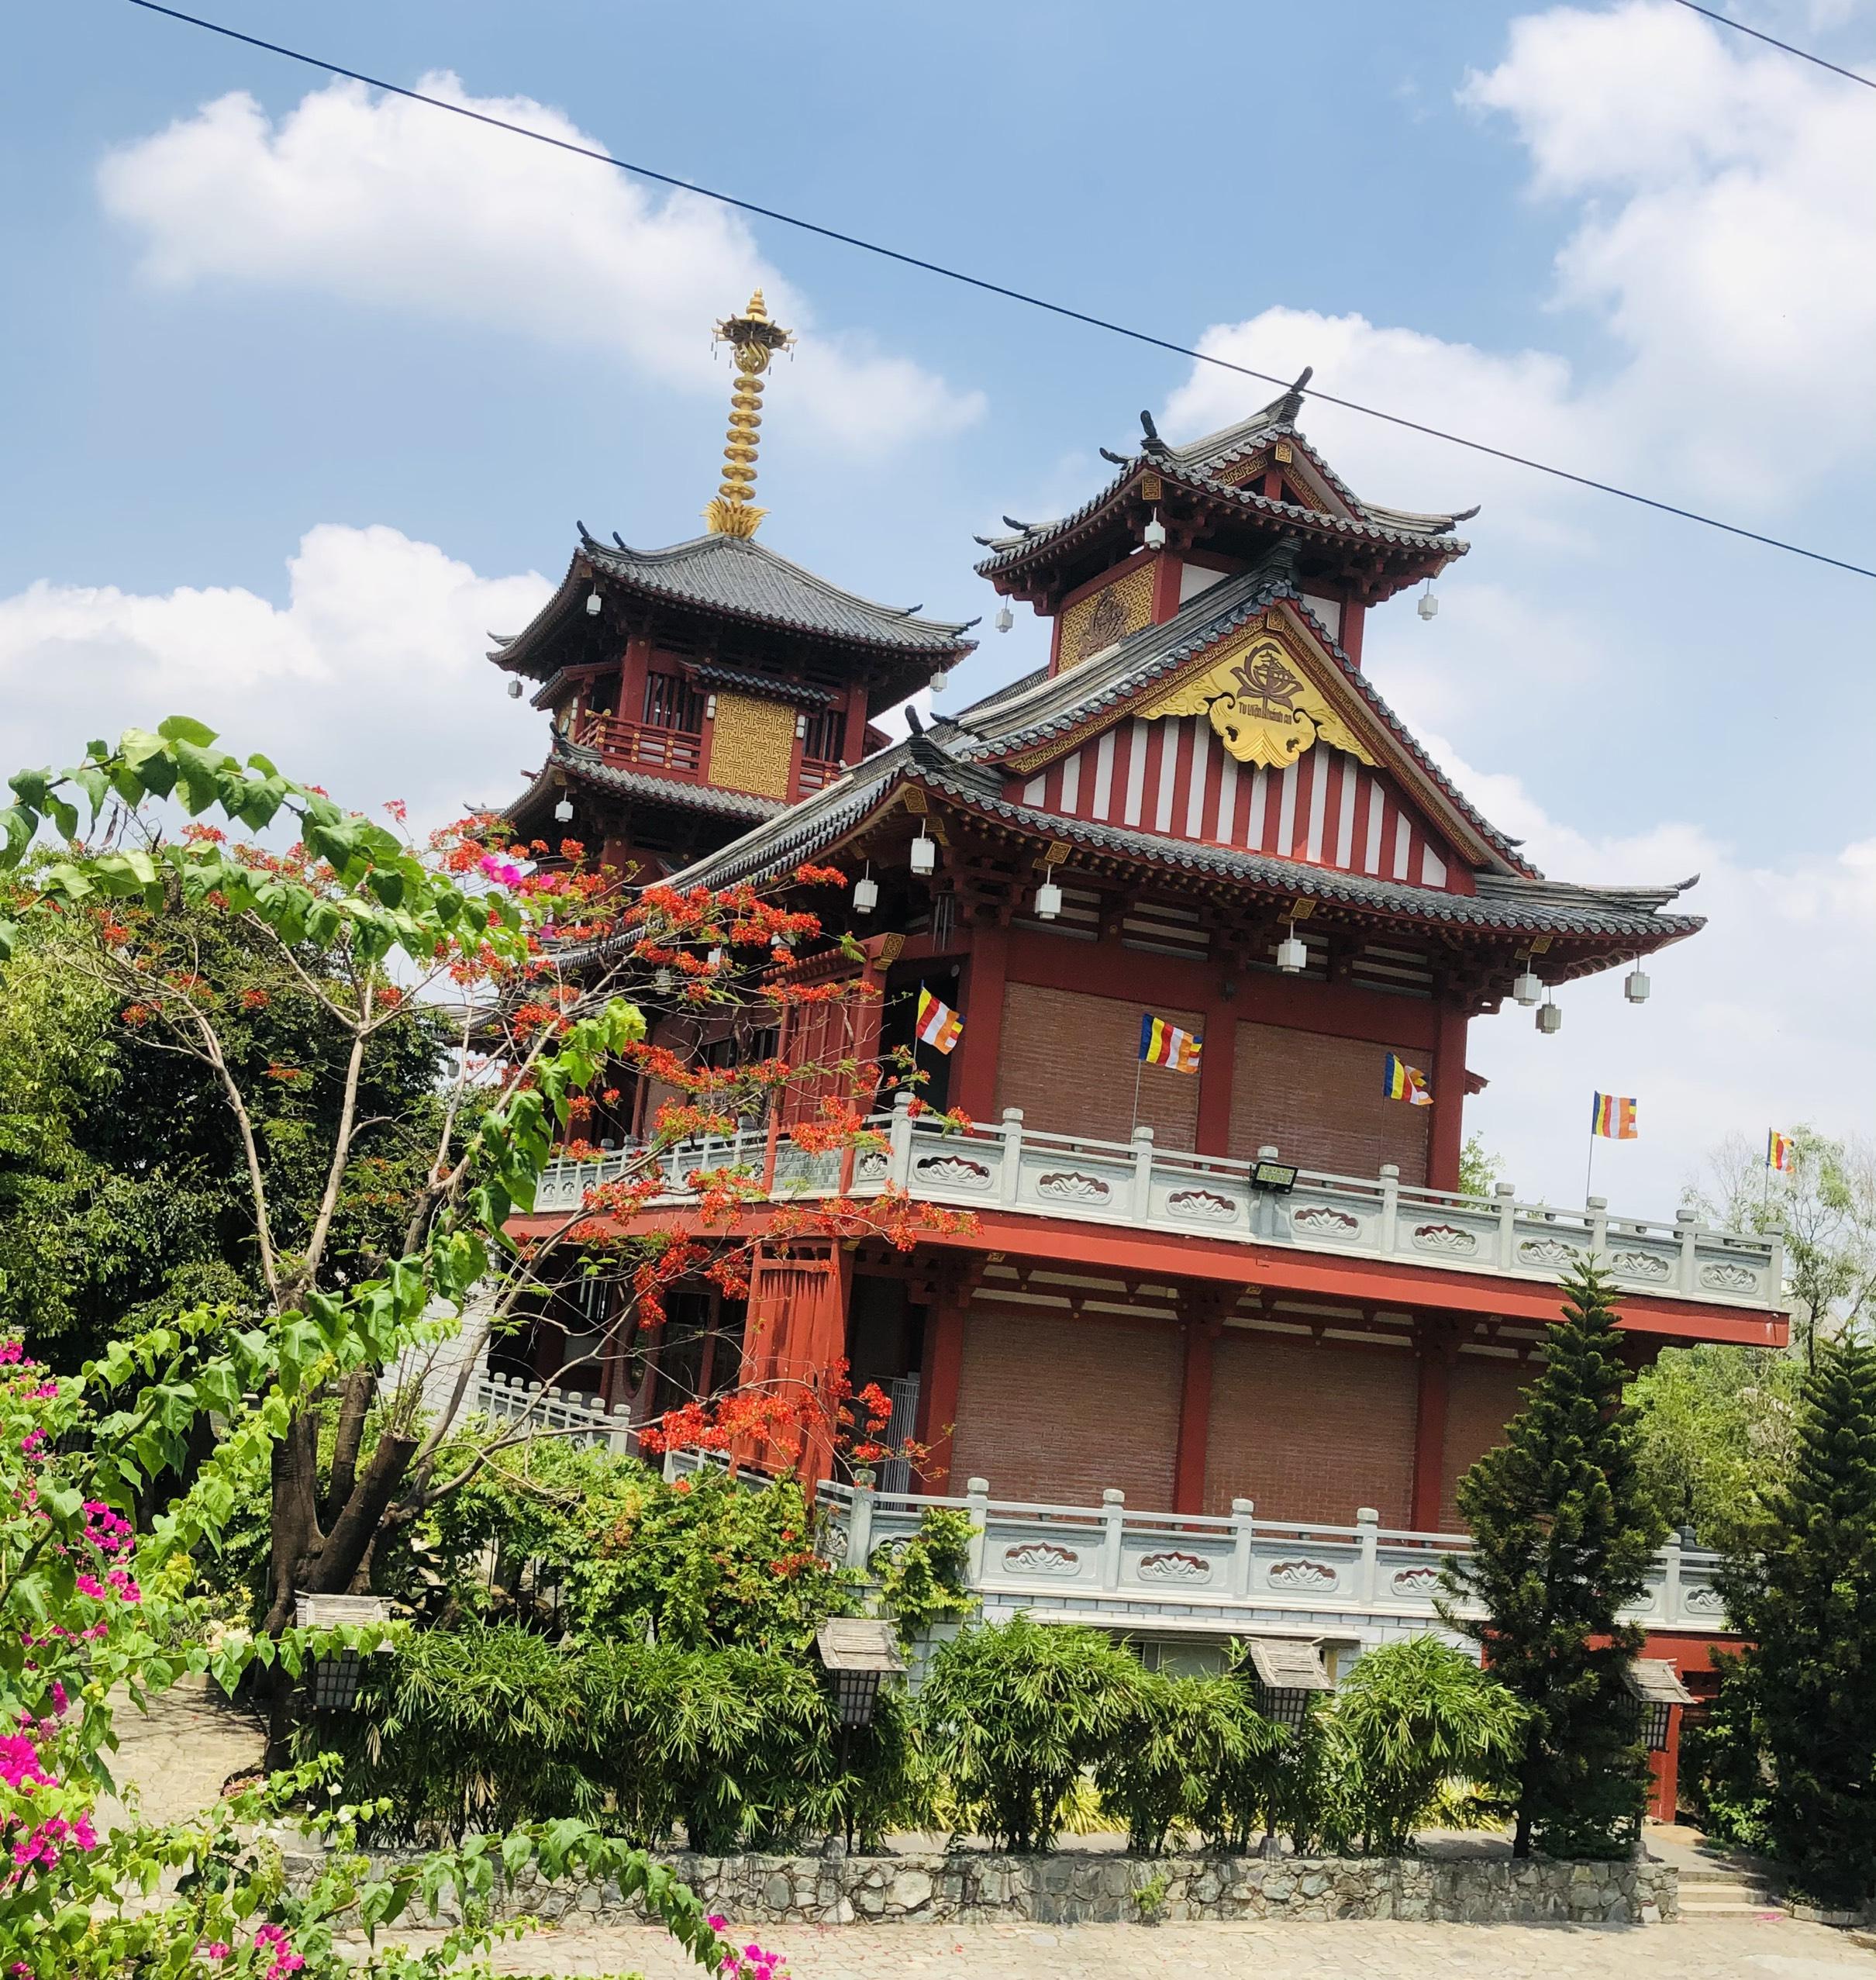 Tu viện Khánh An – dấu ấn lịch sử hào hùng của thành phố Hồ Chí Minh - Ảnh 7.